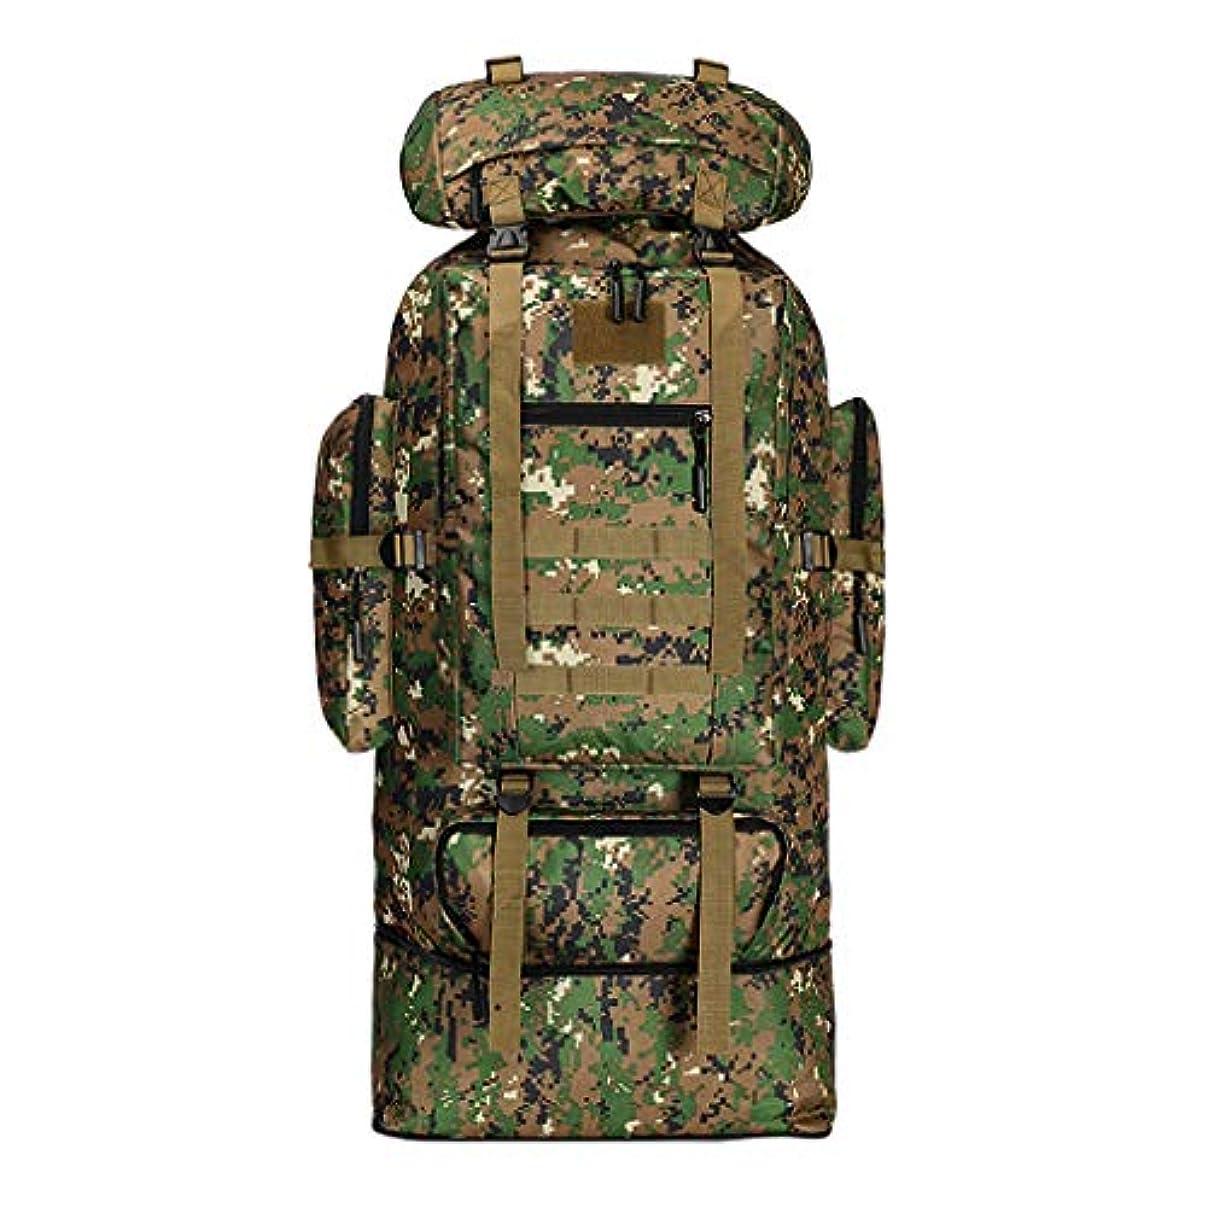 大容量100Lバックパック迷彩印刷屋外バッグ旅行登山バッグ収納防水おしゃれバックパック人気バックパック大容量 人気バックパック